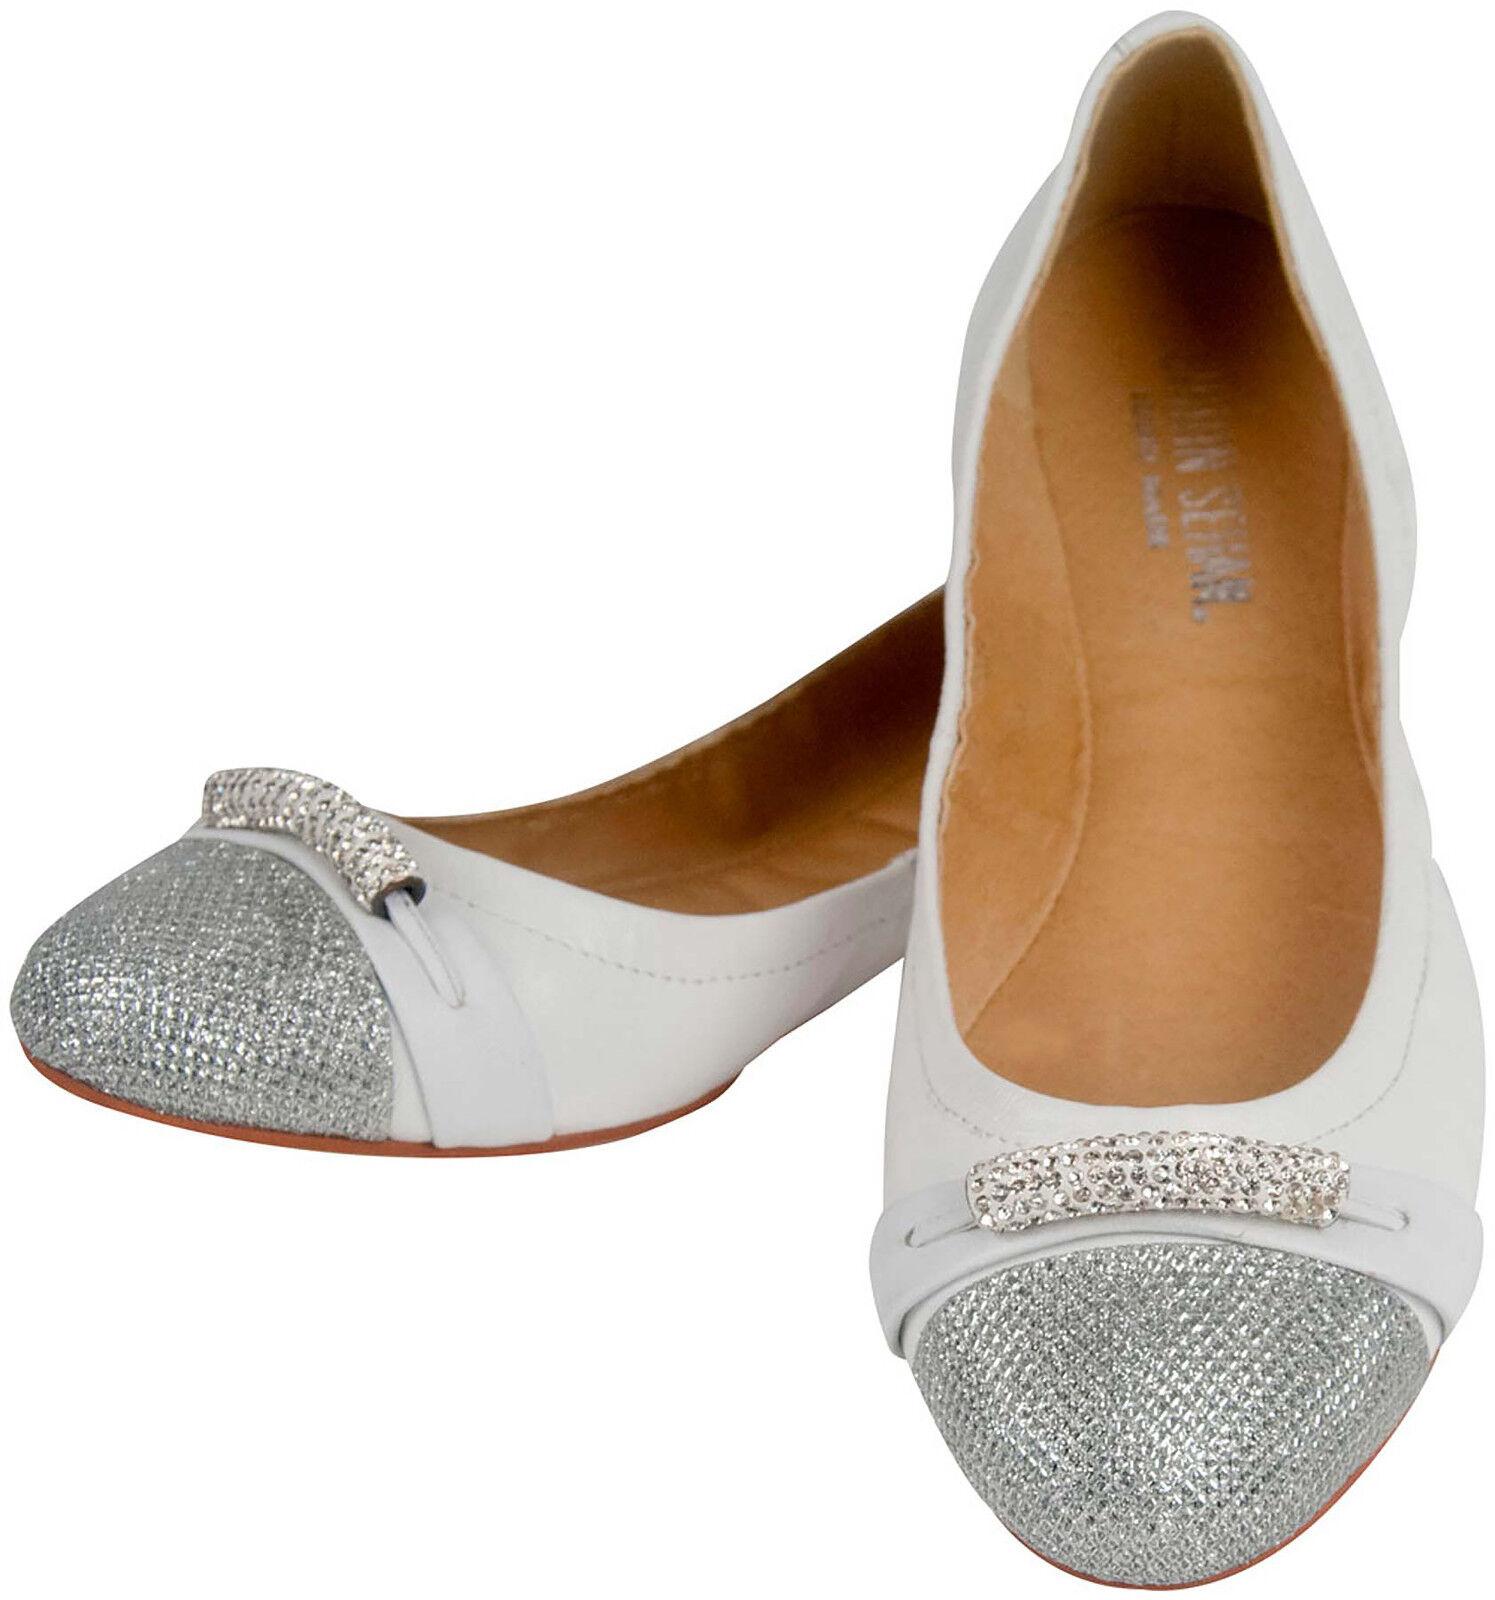 Ballerine Cuir Femmes Chaussure Stretch Paillettes Strass Blanc Argent einzelpaar taille 37